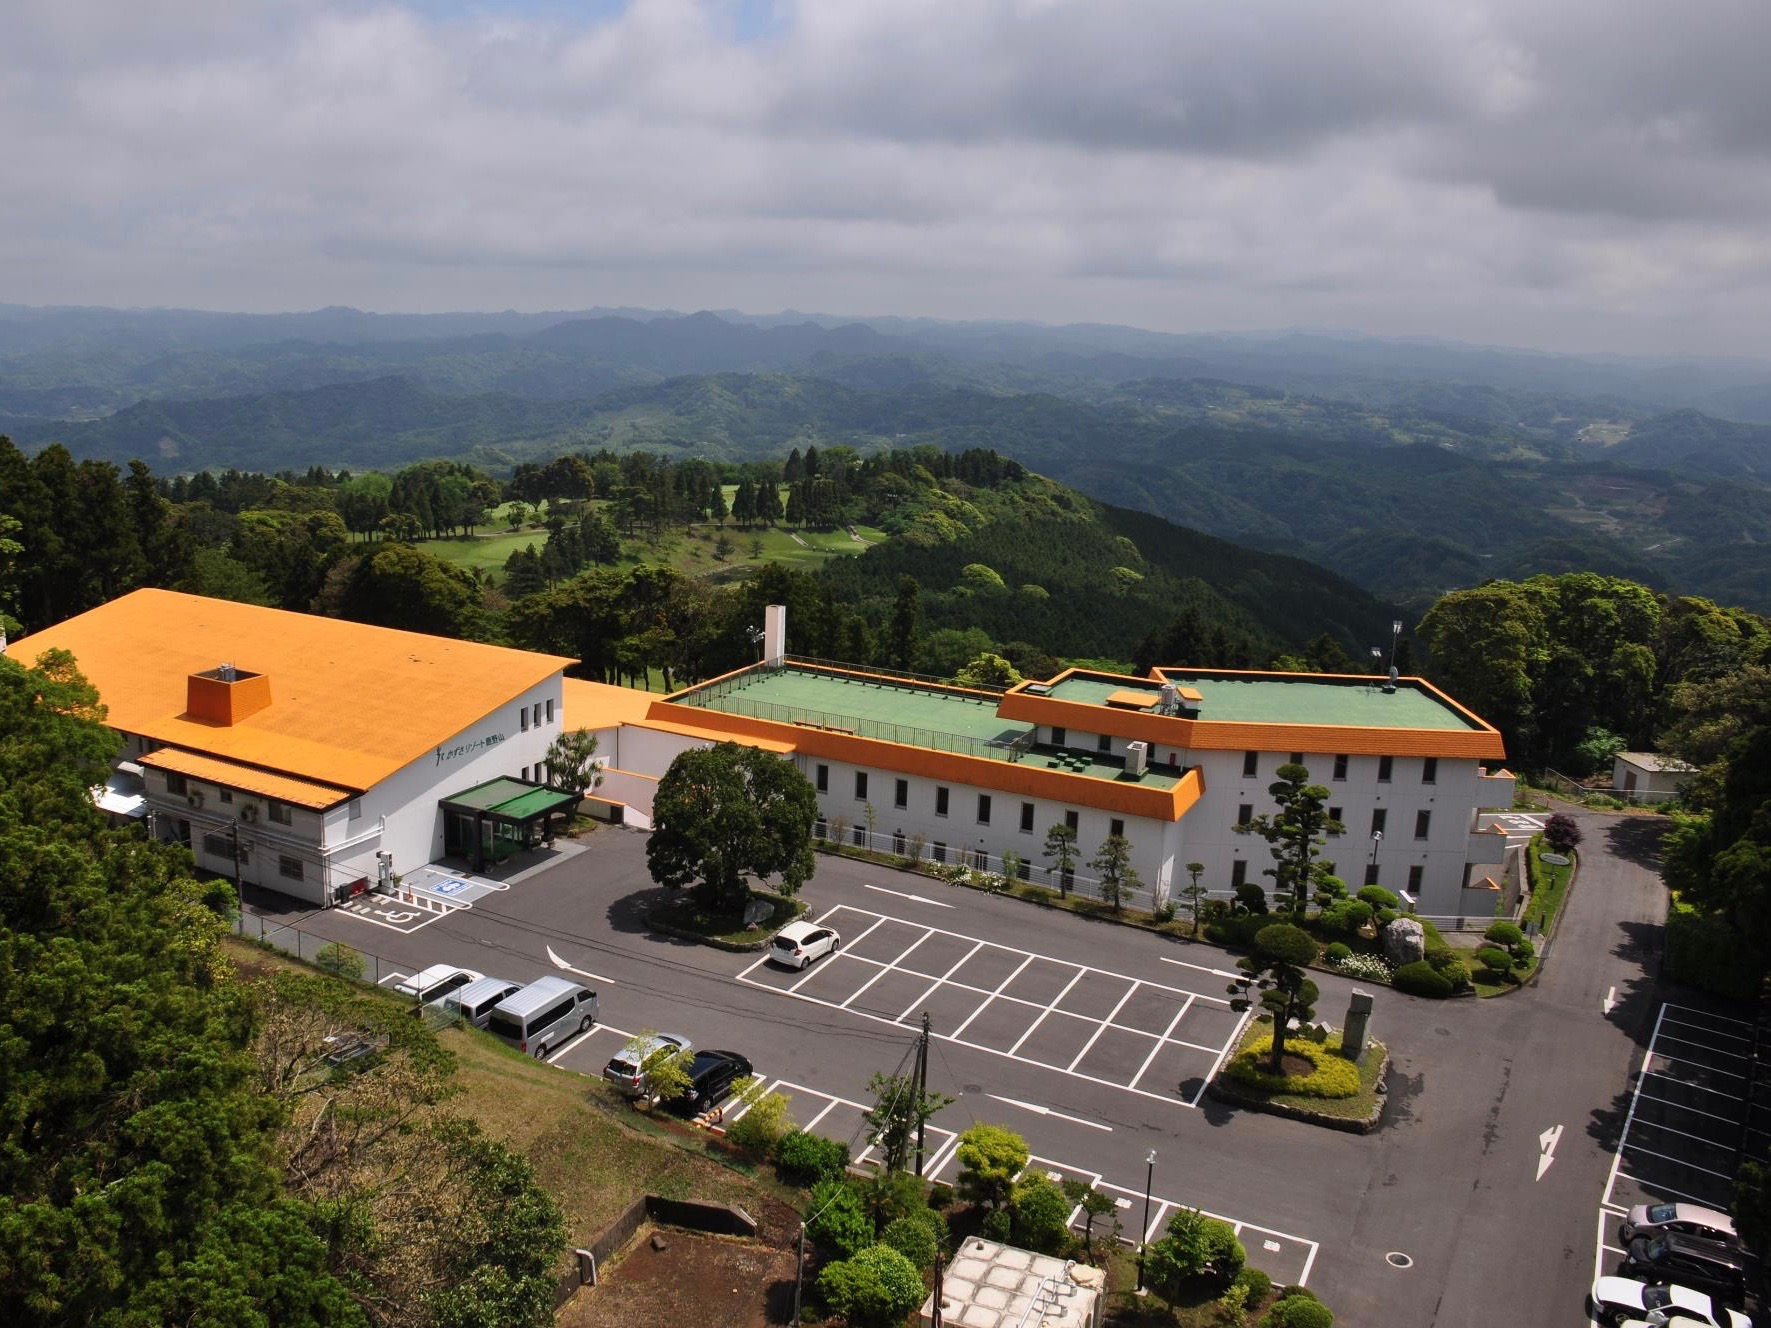 日本 千葉 觀光 景點 母親牧場 飯店